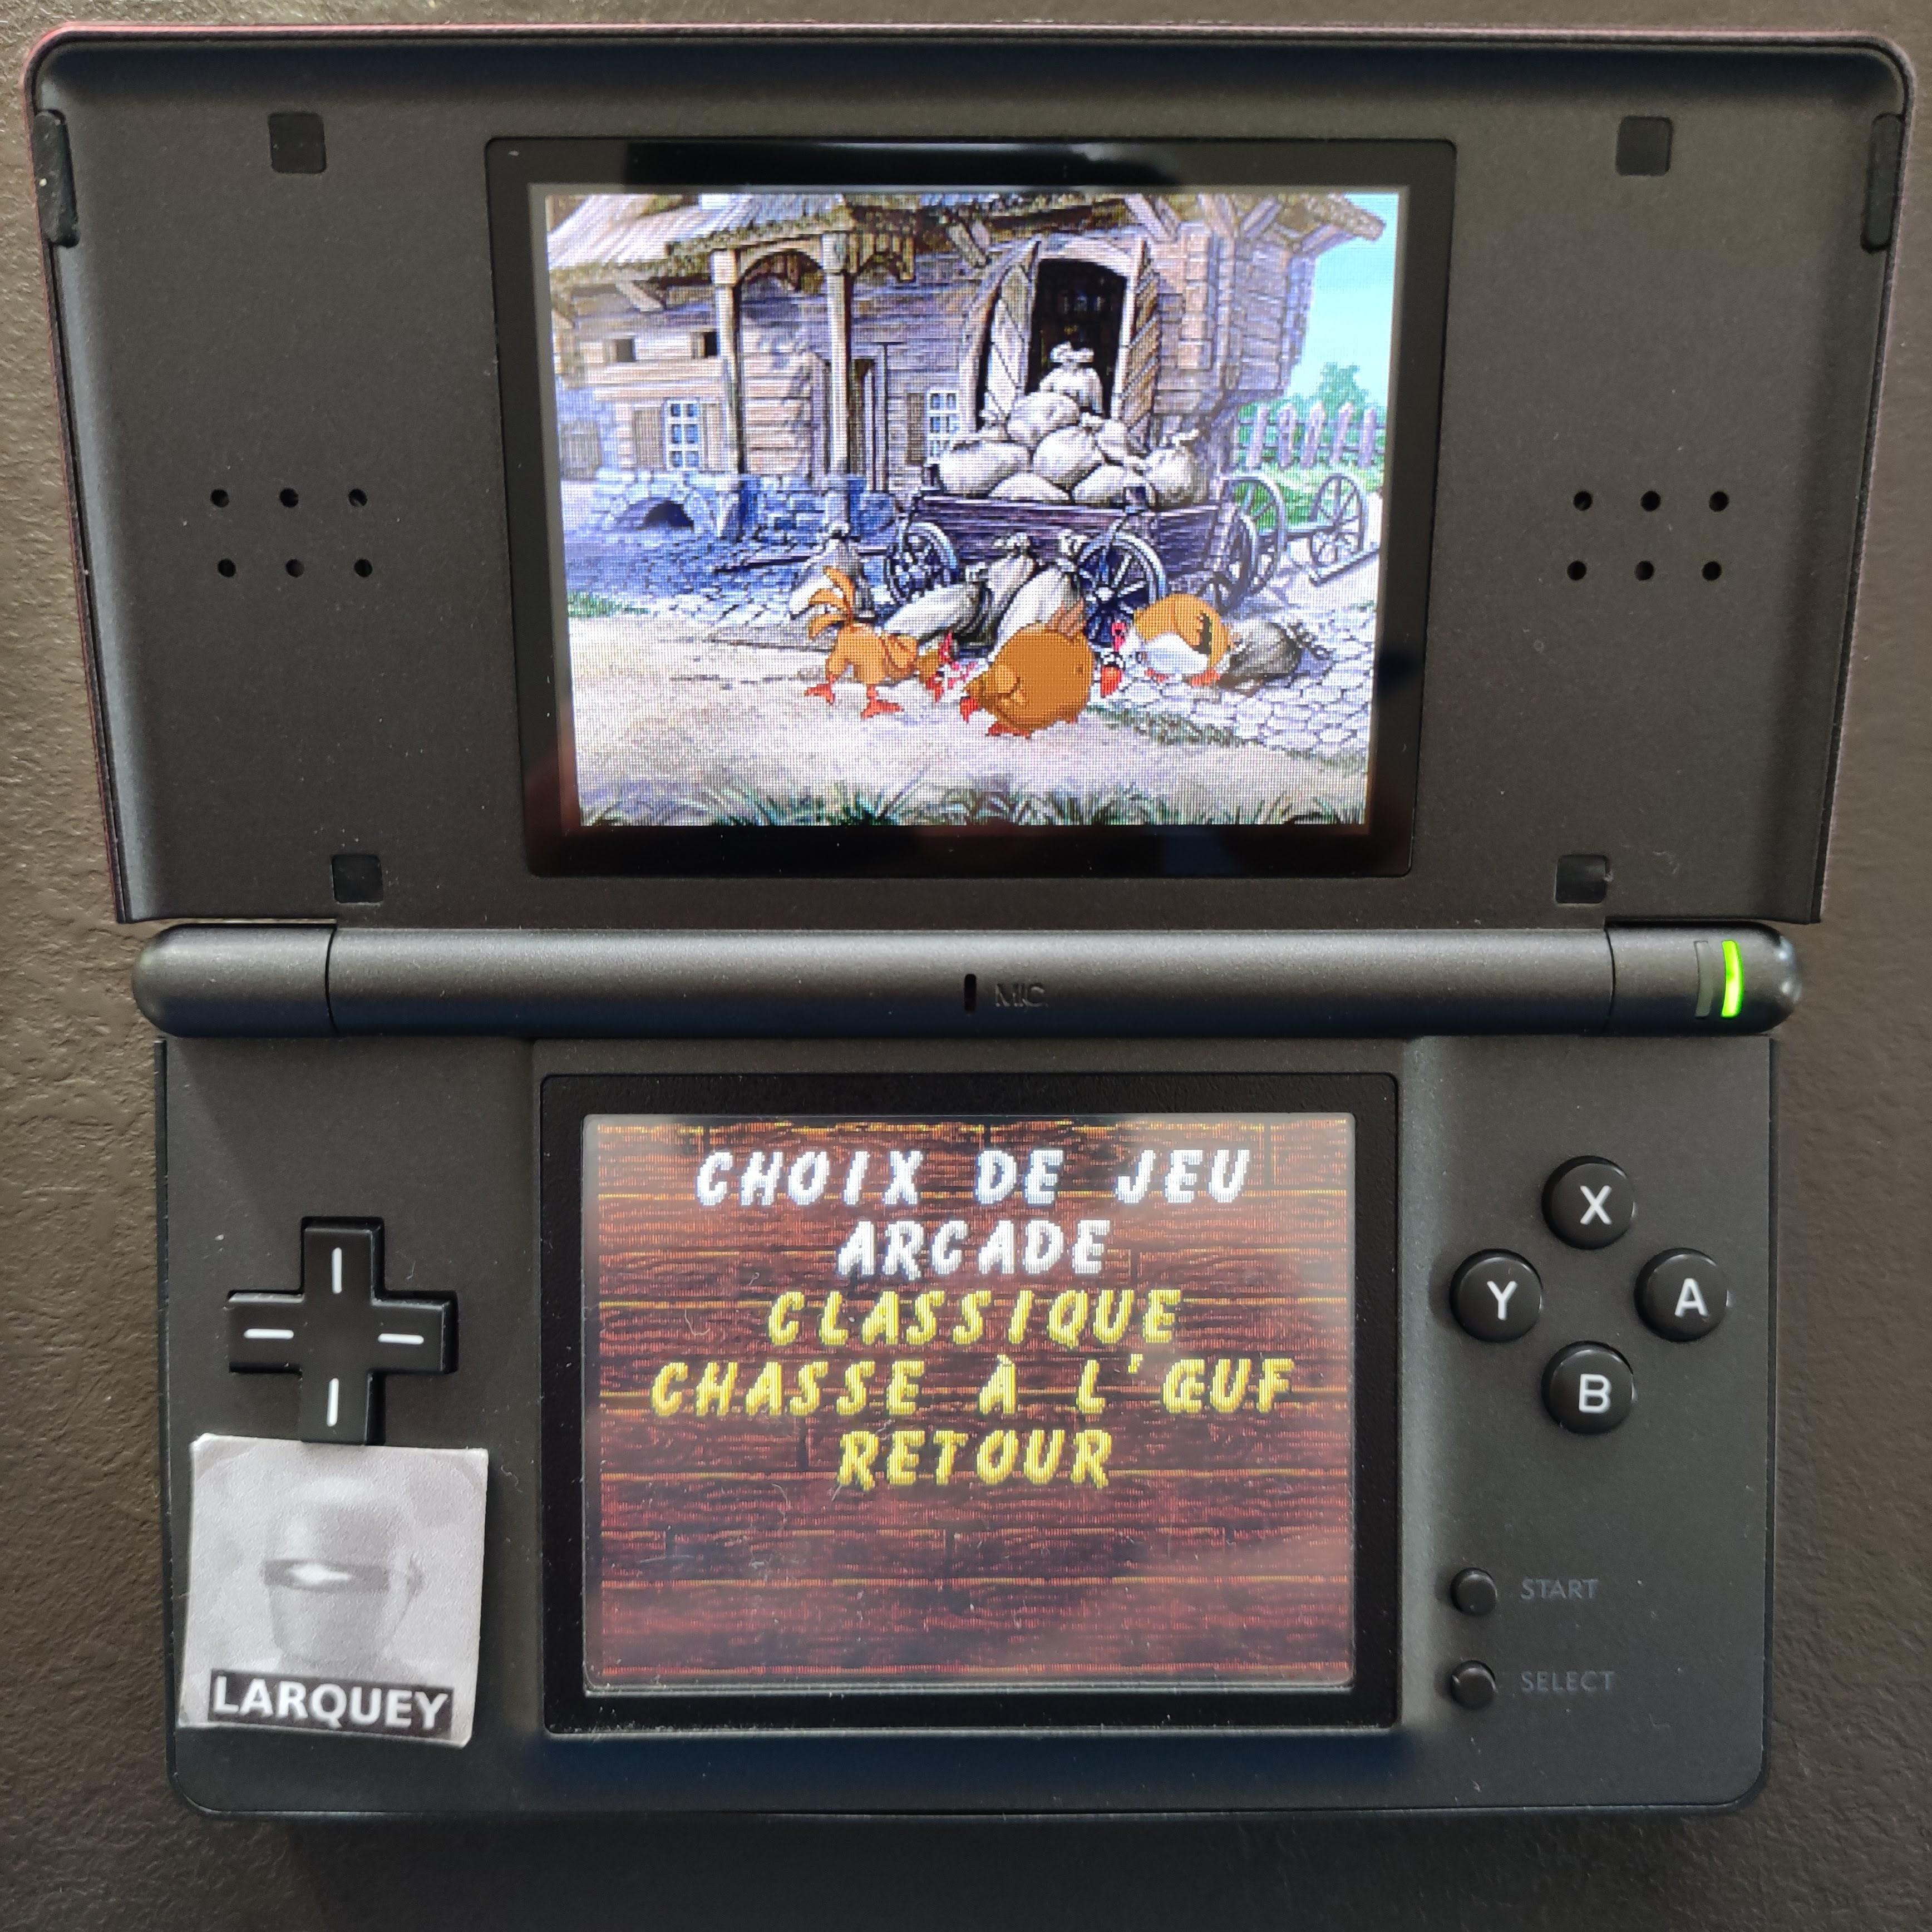 Larquey: Chicken Shoot [Arcade: Hard] (Nintendo DS) 1,990 points on 2020-09-27 03:30:28